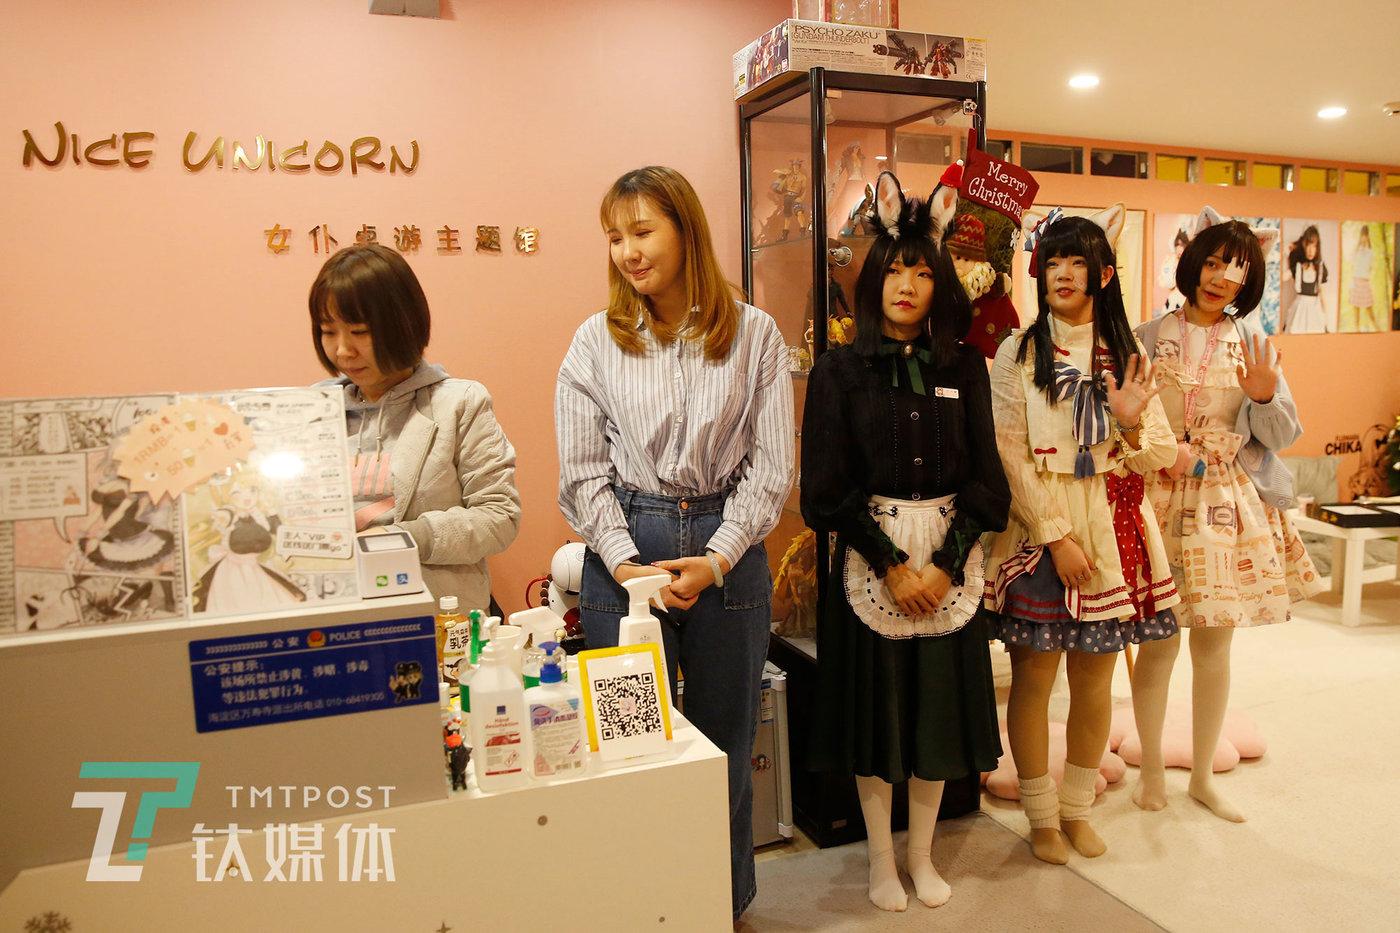 2021年1月30日,北京市海淀区Nice Unicorn女仆桌游馆,女仆们站在门口送别客人。